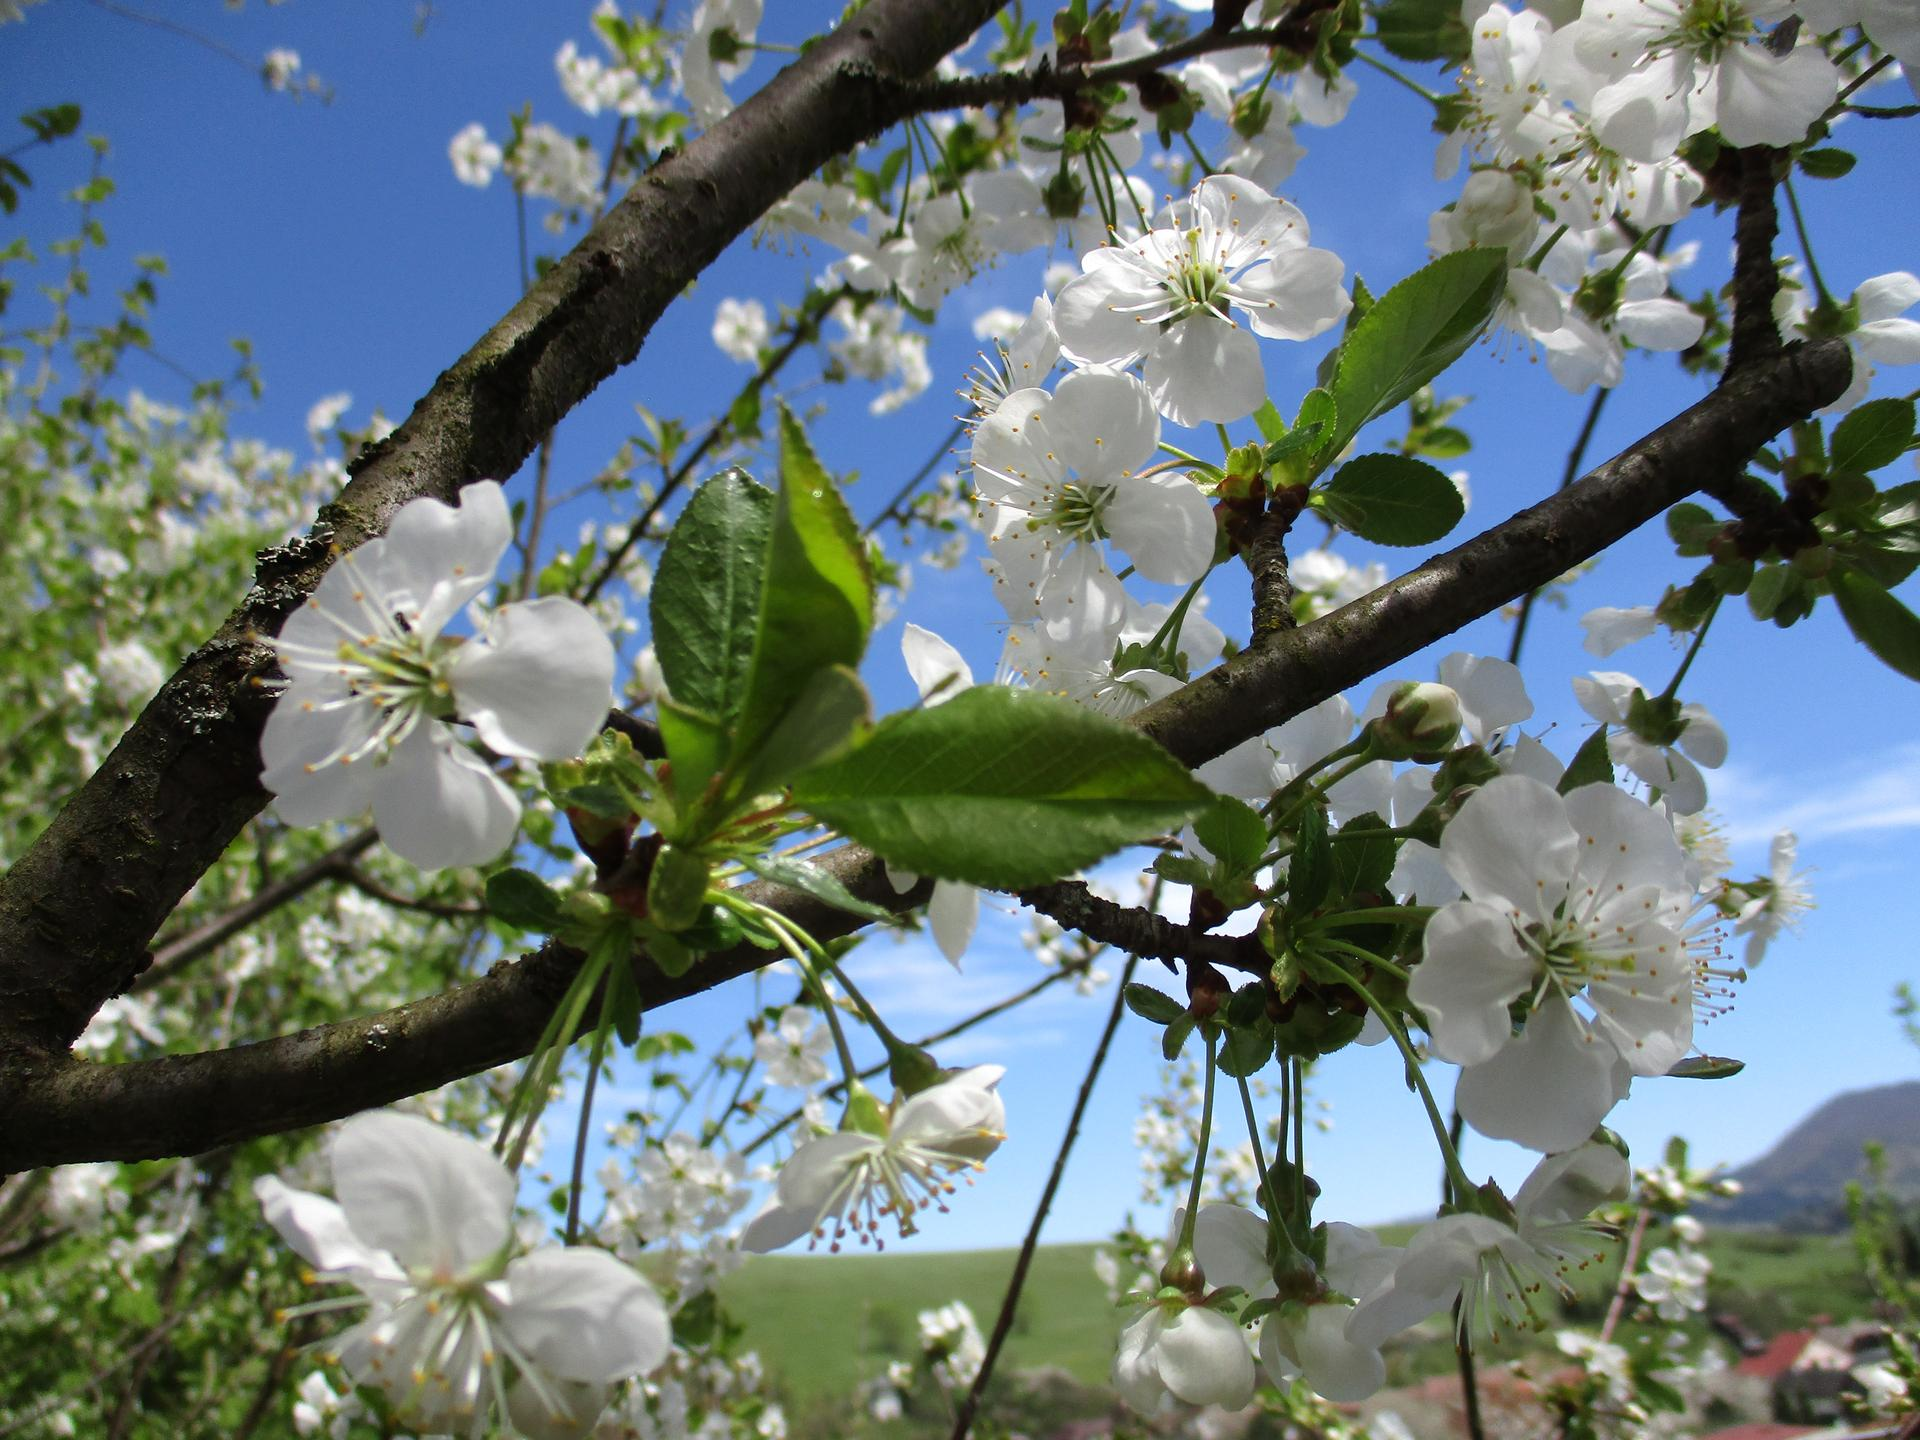 Jar v našej záhrade - Čerešňa zakvitla ako prvá...je to nádherný pohľad ...